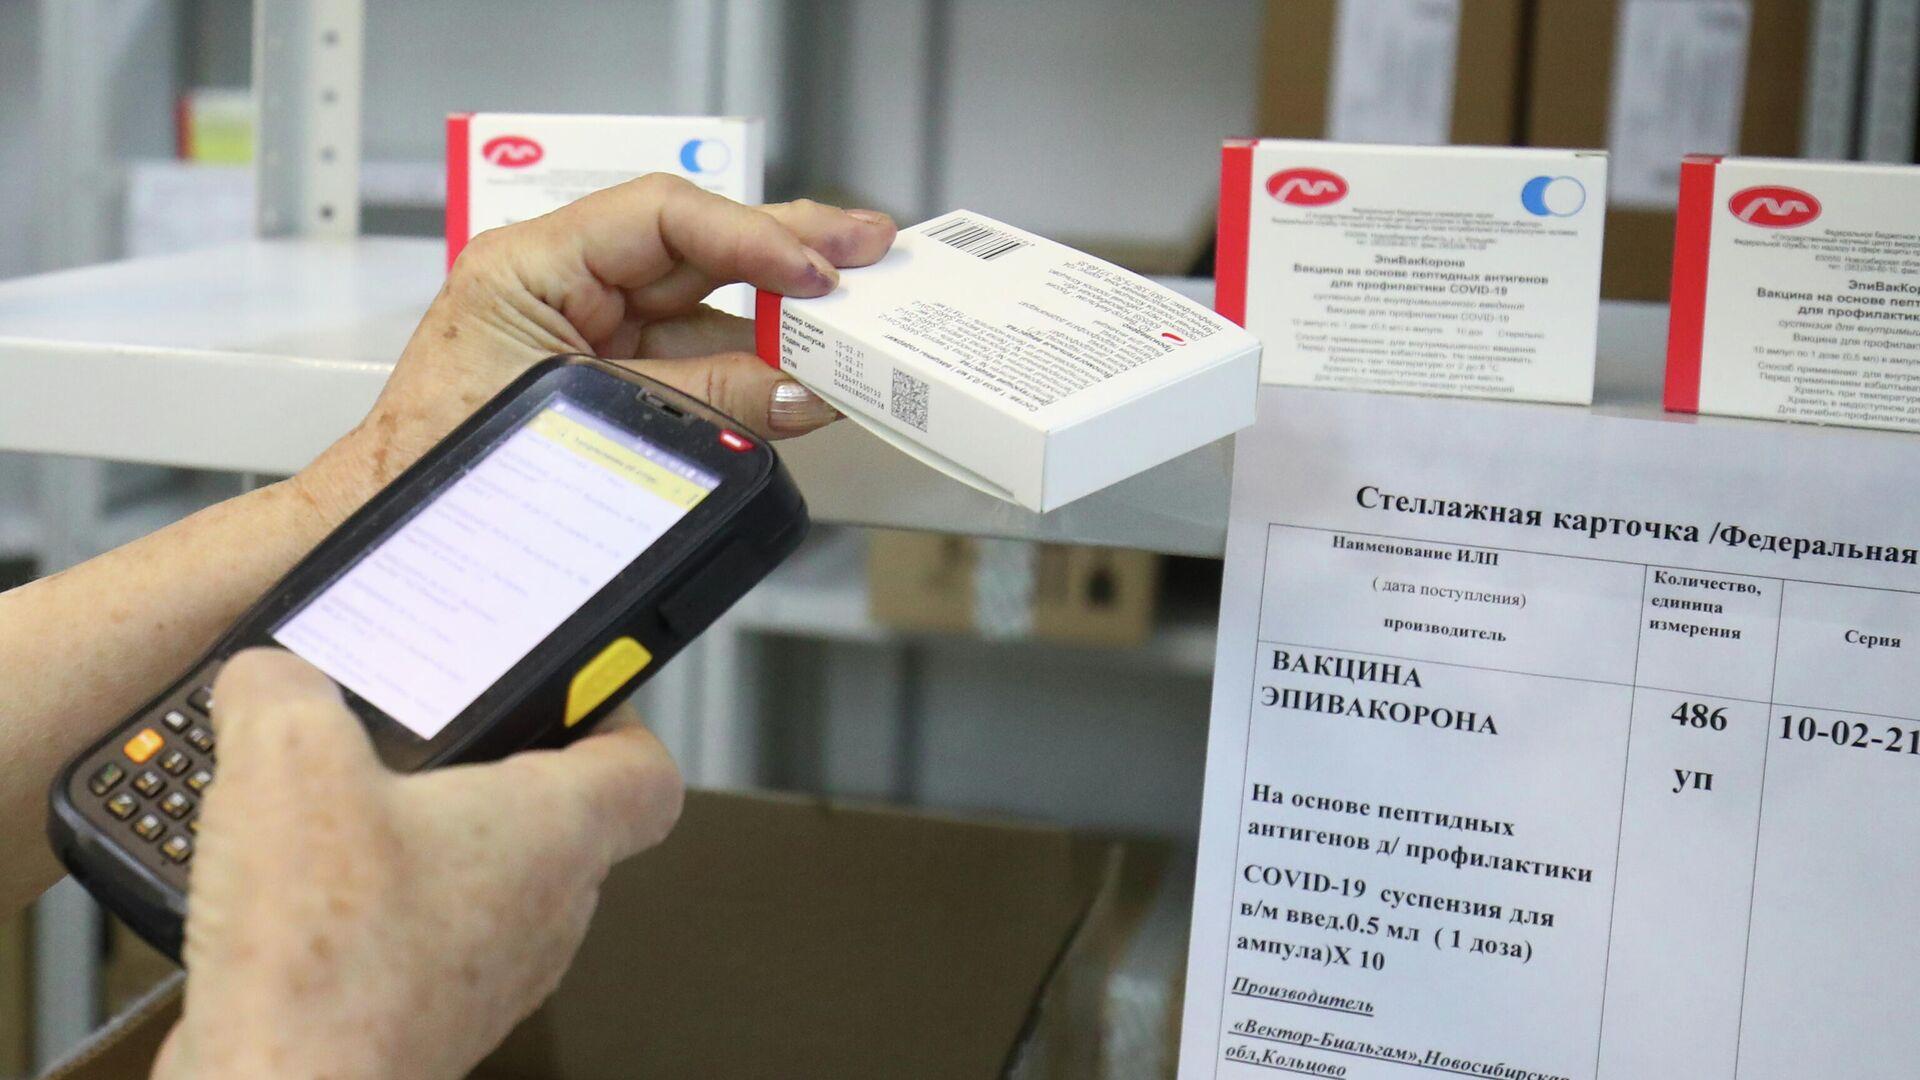 Партия вакцины ЭпиВакКорона для профилактики COVID-19 на аптечном складе в Волгограде - РИА Новости, 1920, 09.04.2021